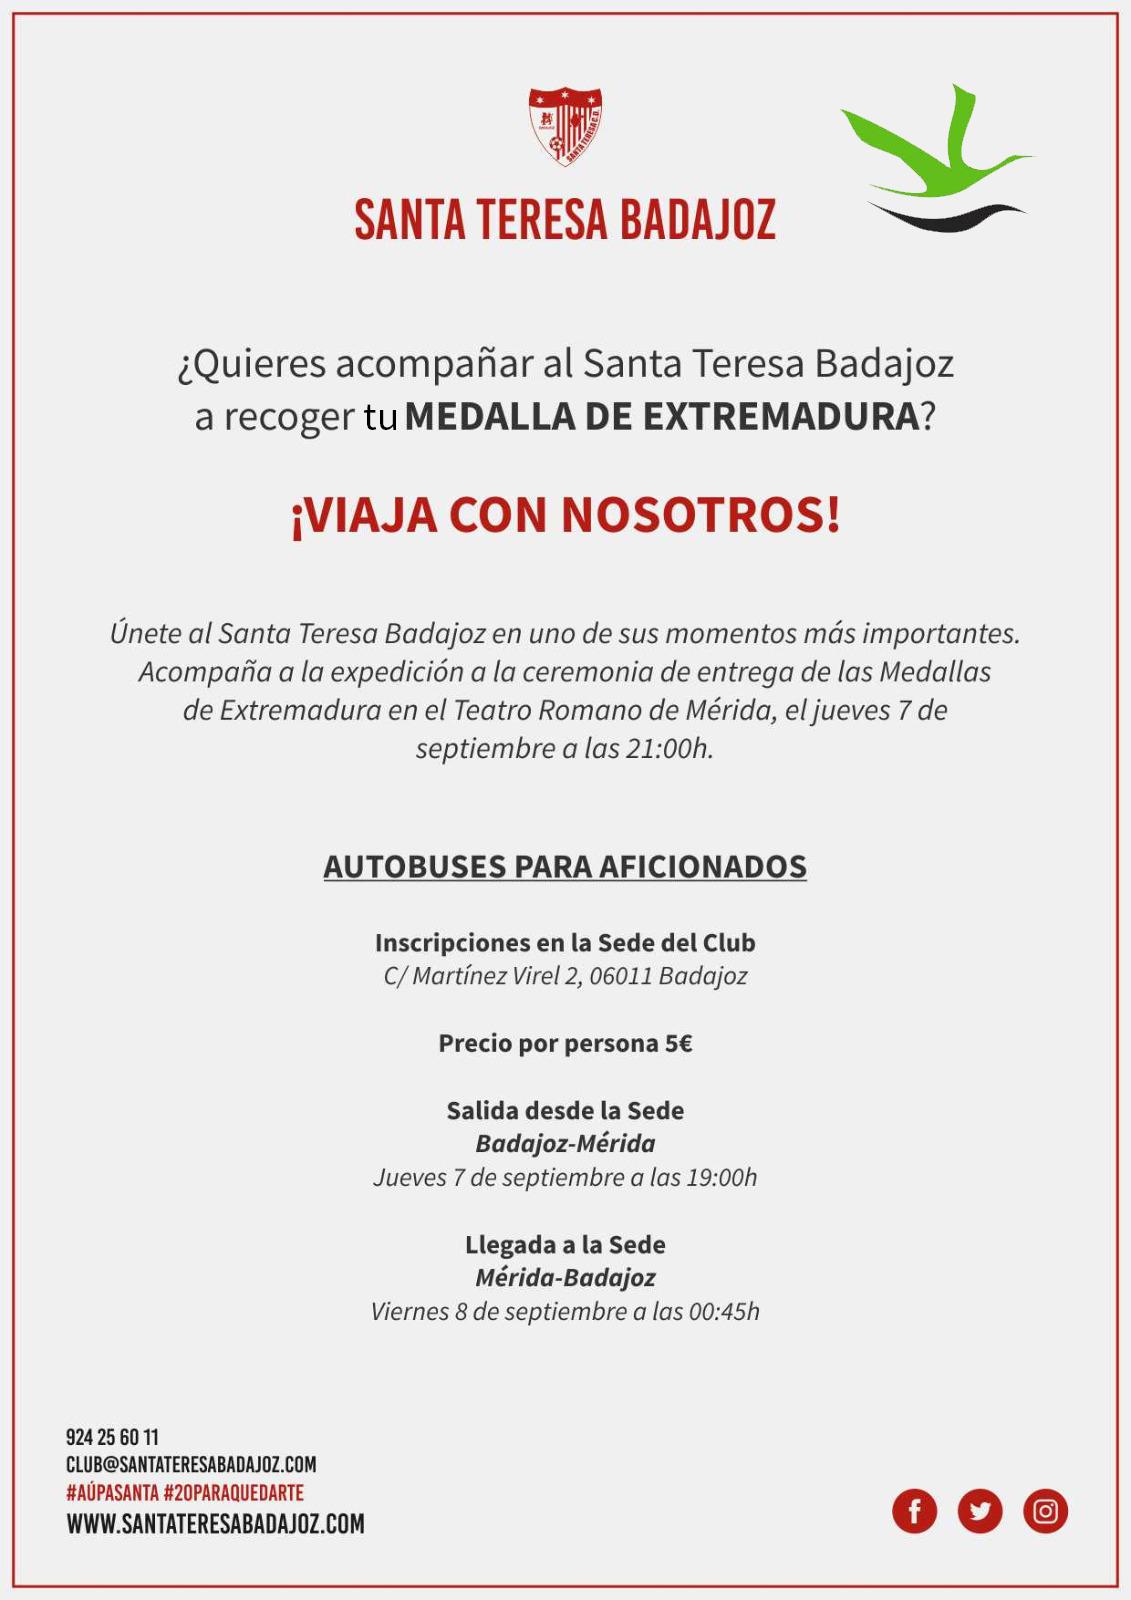 Autobuses de aficionados para recibir la Medalla de Extremadura en Mérida